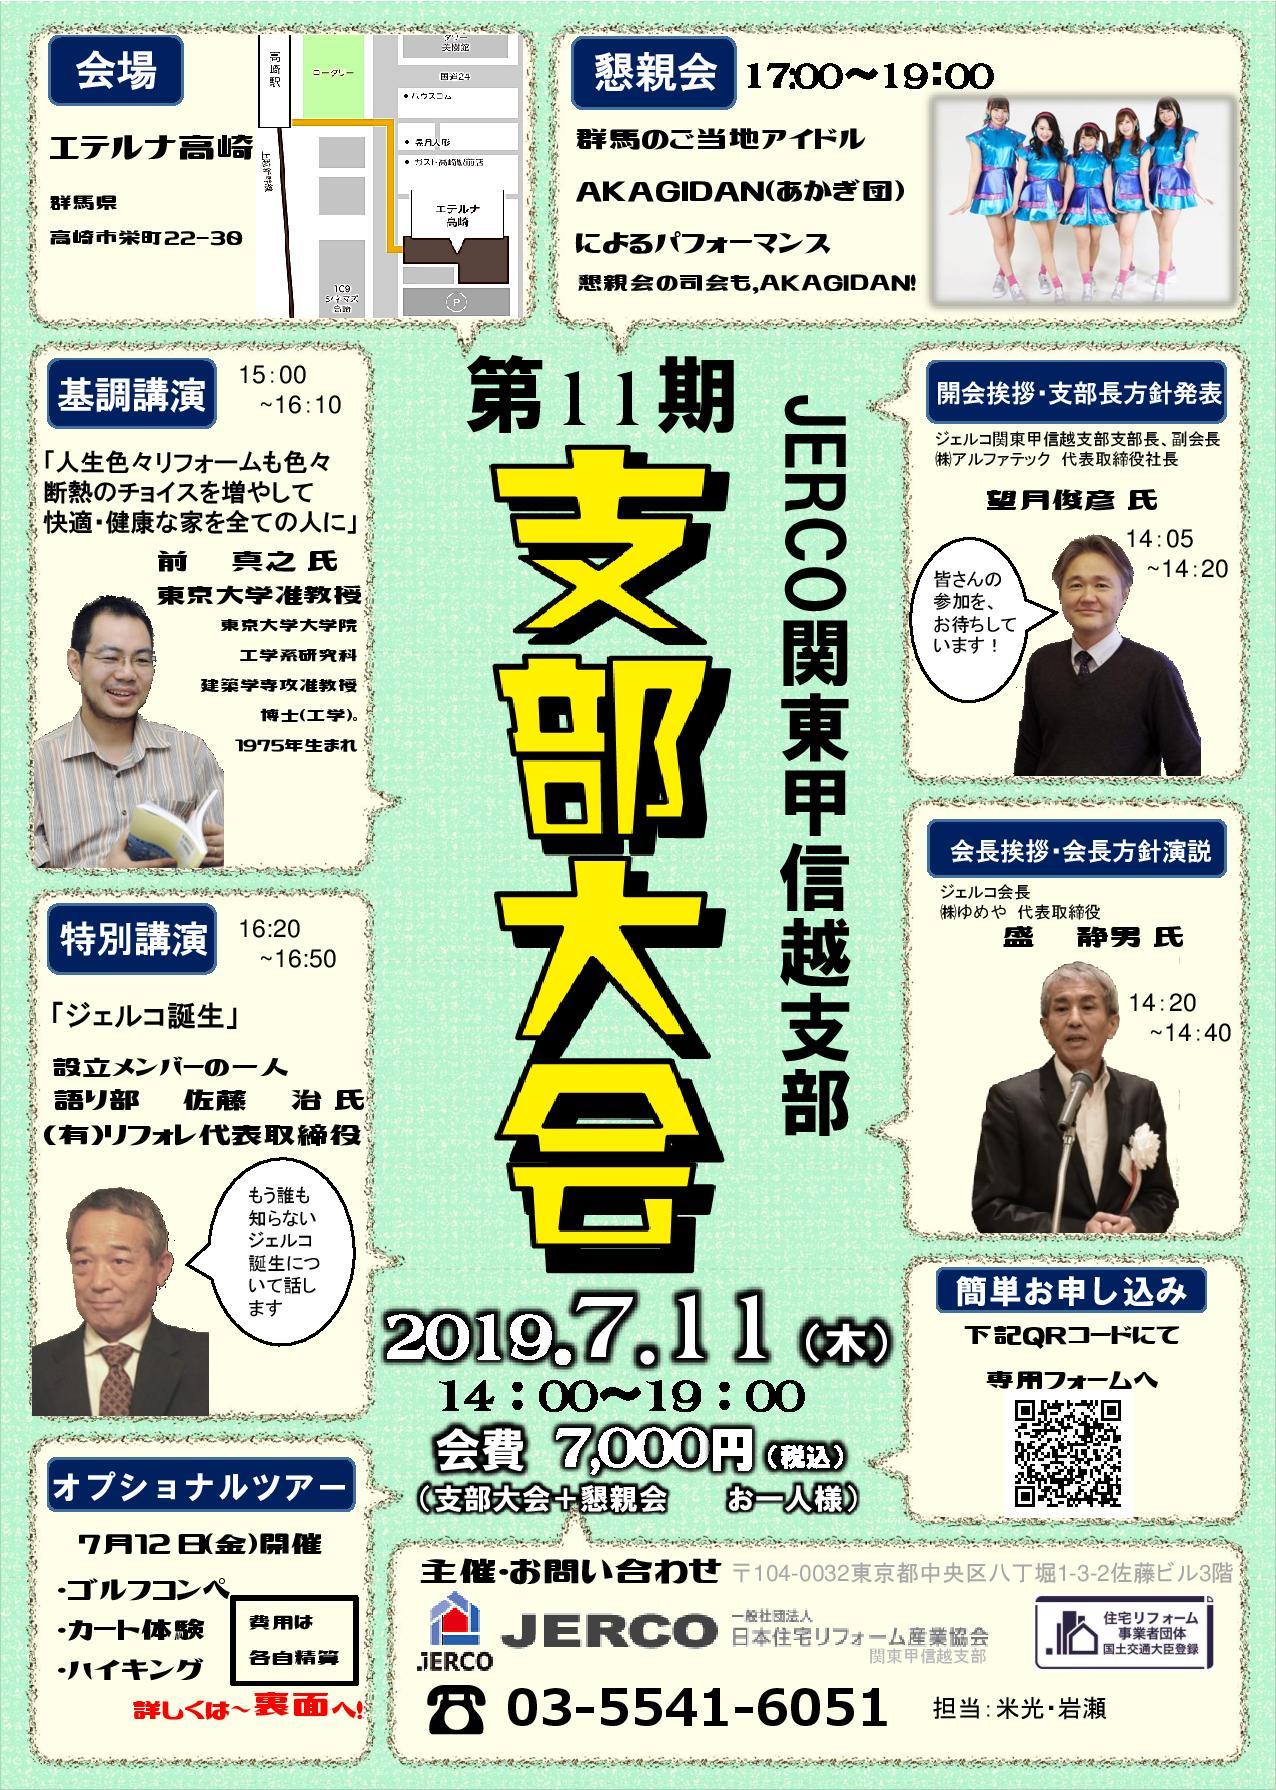 関東甲信越支部 支部大会の開催について【群馬/2019年7月11日開催】